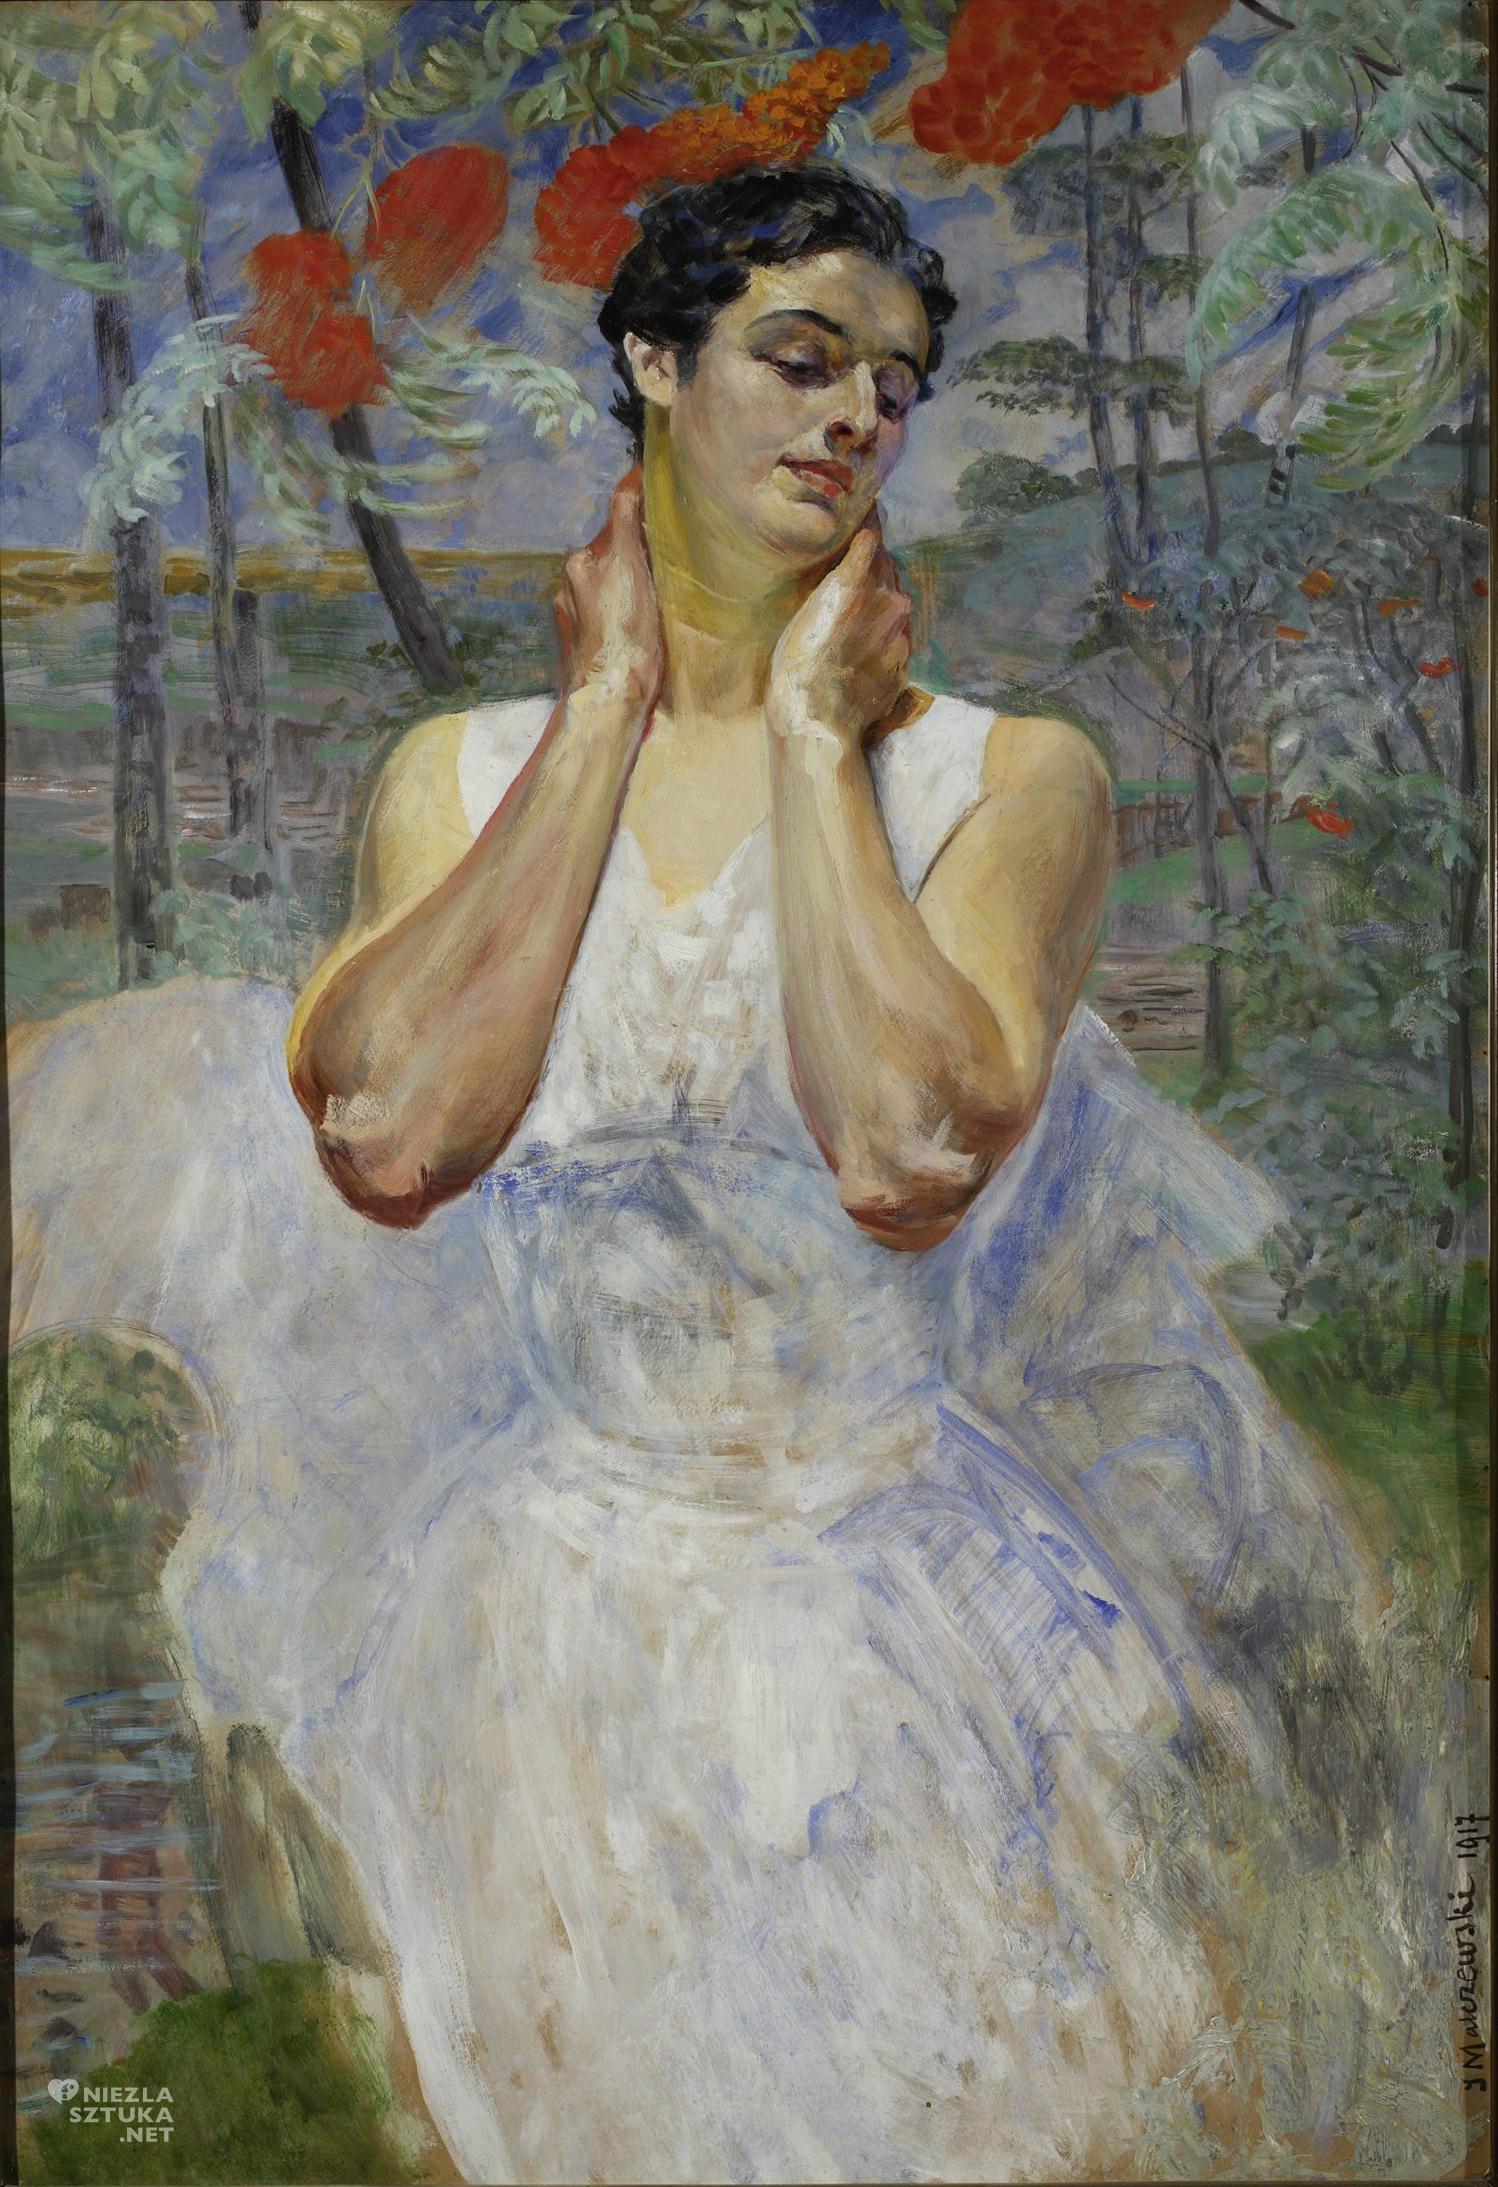 MP 1200; Malczewski, Jacek (1854-1929) (malarz); Portret kobiety na tle jarzębiny; 1917; olej; tektura; 100 x 68,5